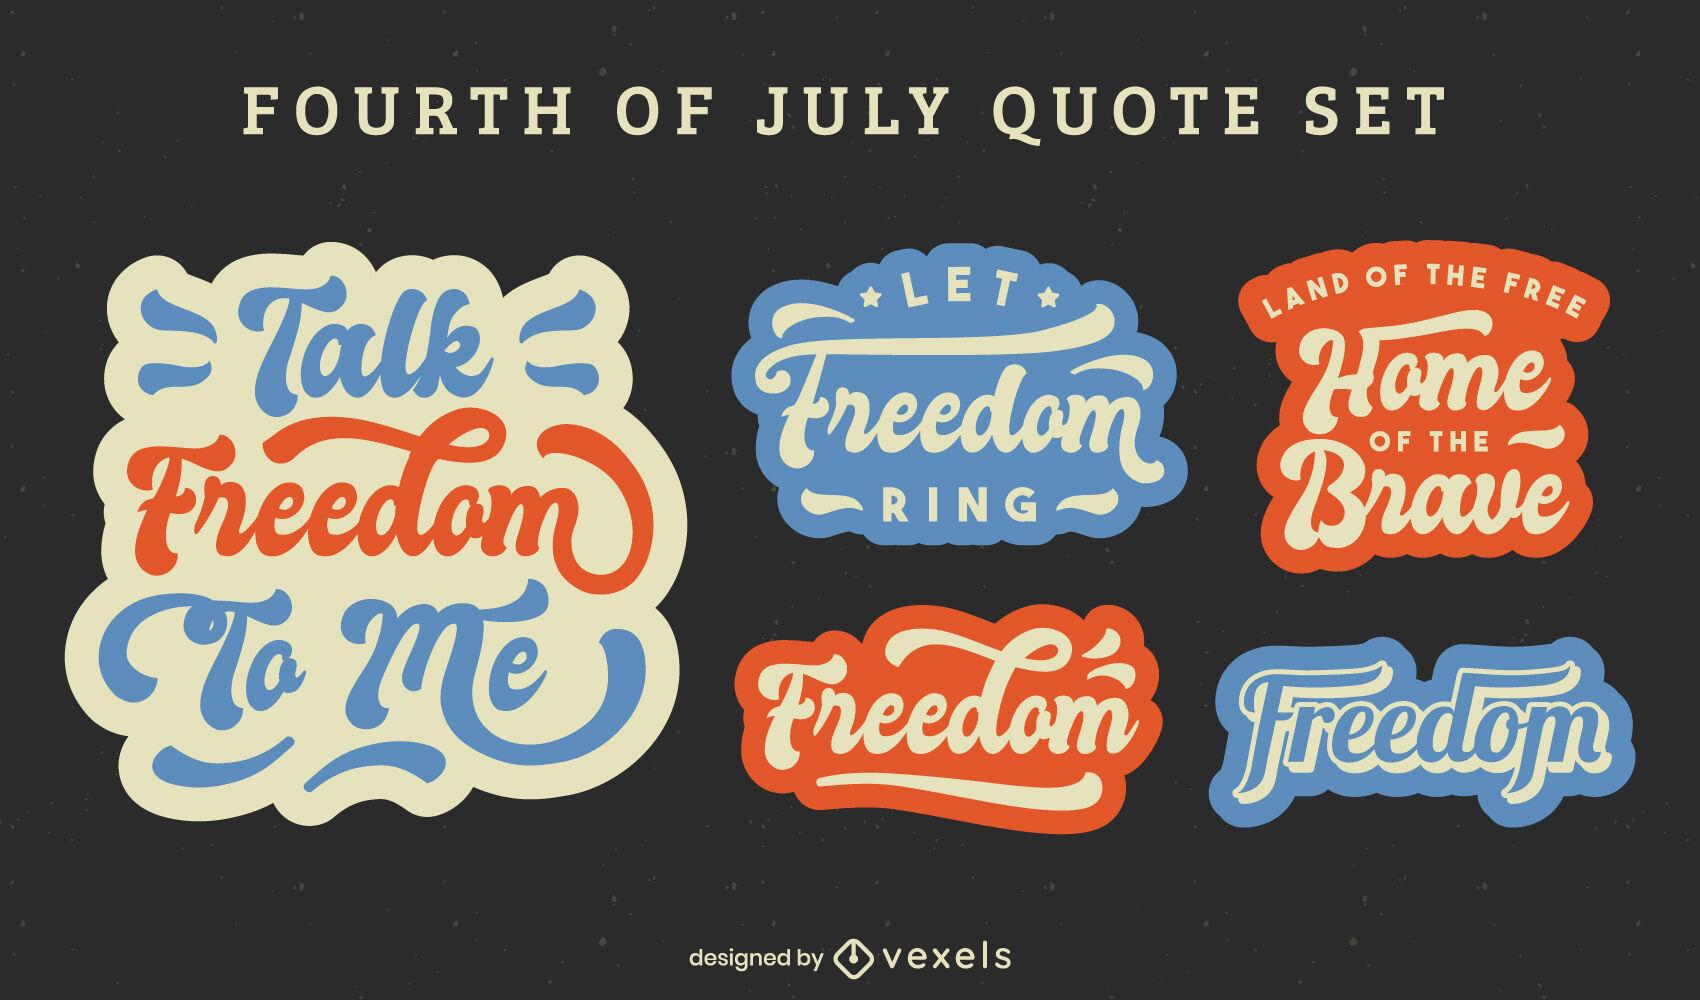 Conjunto de pegatinas de letras de cotización del cuatro de julio